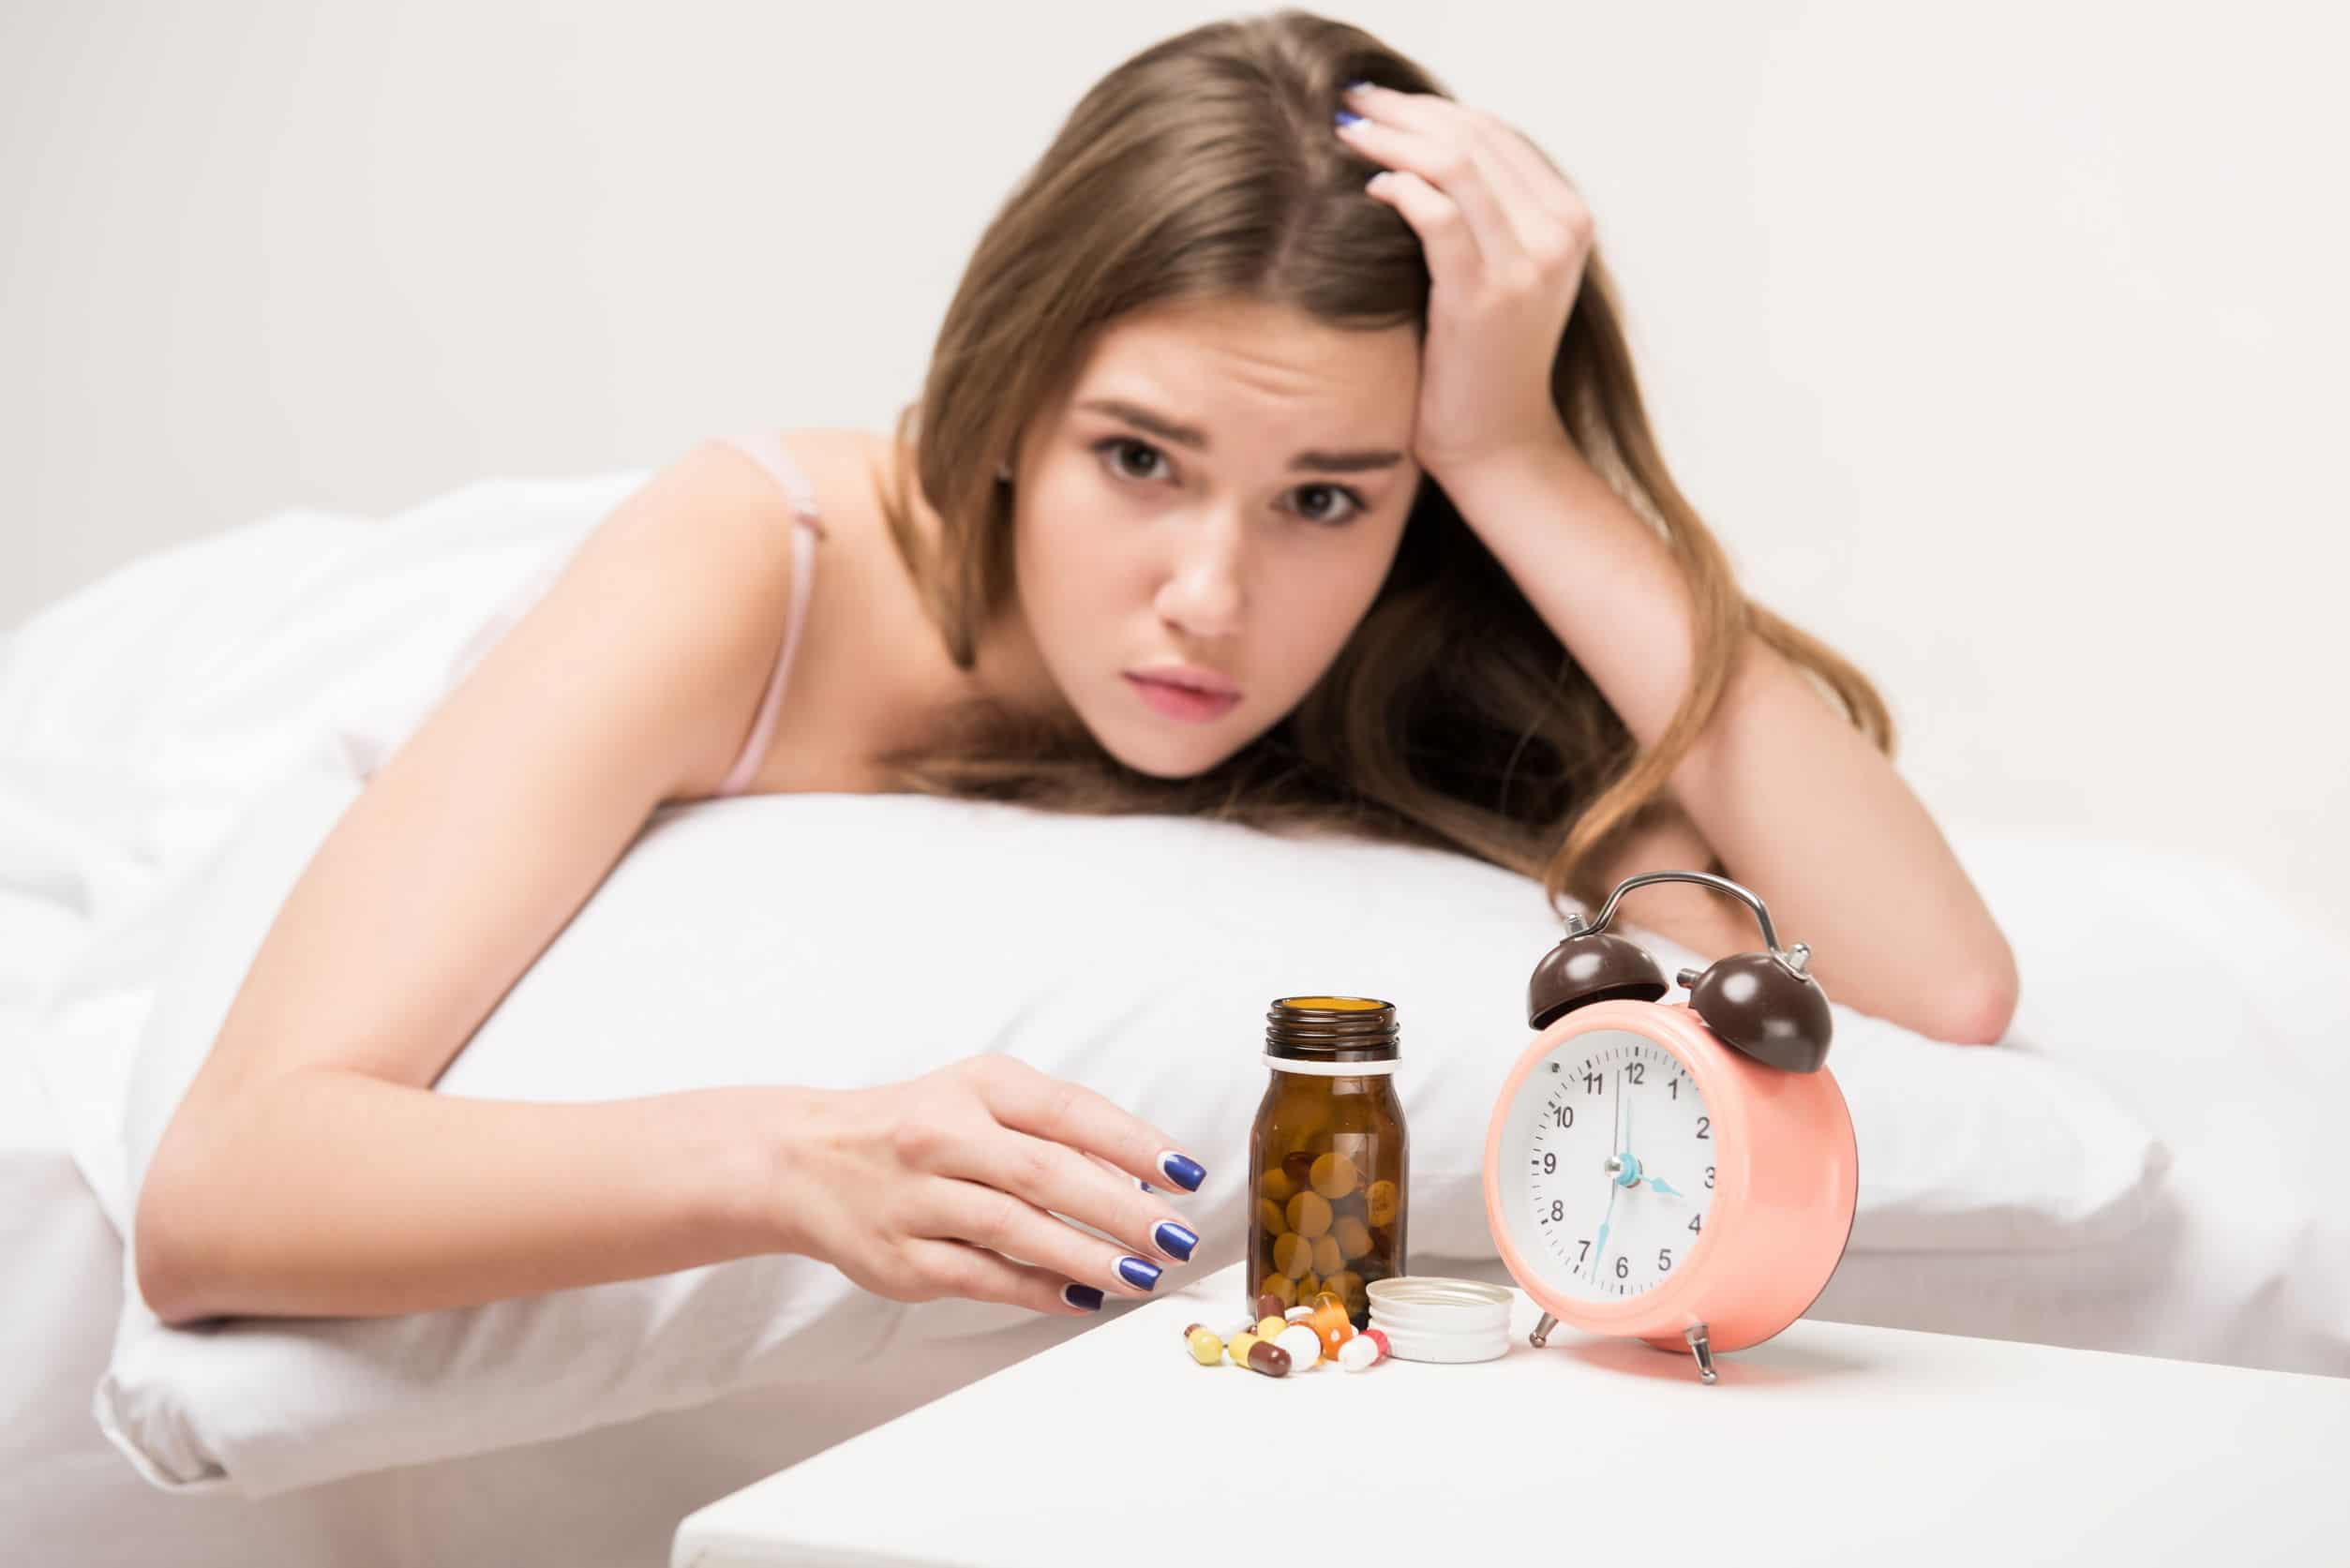 Средства от бессонницы: популярные народные средства и медикаменты